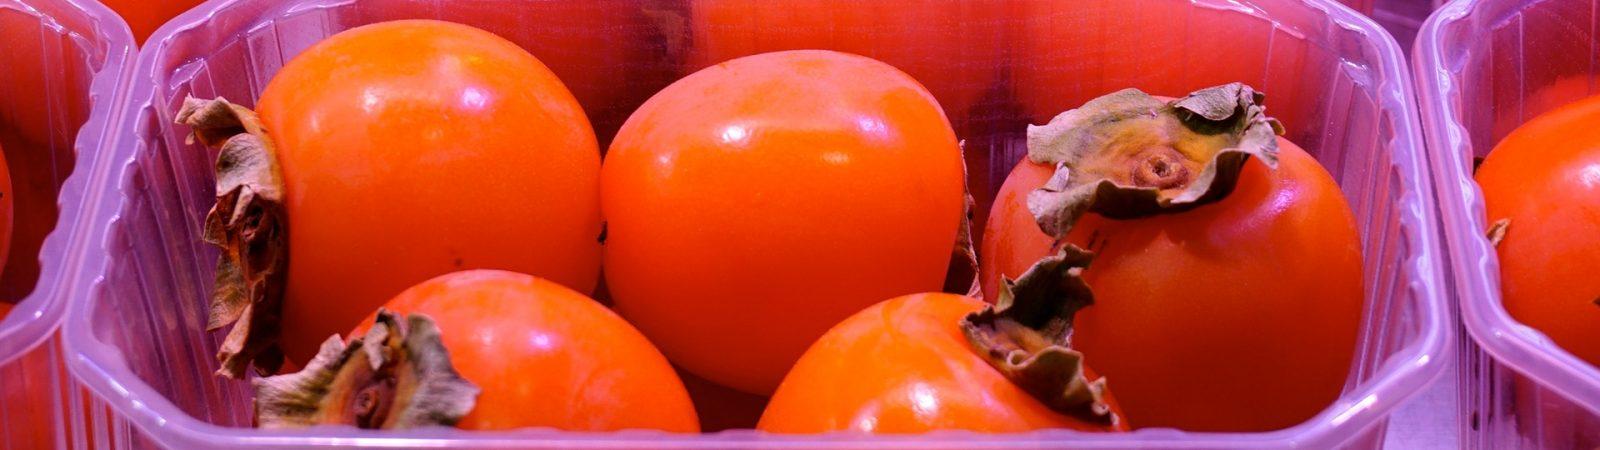 ¿Cómo sustituir el envasado plástico en la exportación de frutas y verduras? Esta es la respuesta que busca la UMH con Vegabaja Packaging.